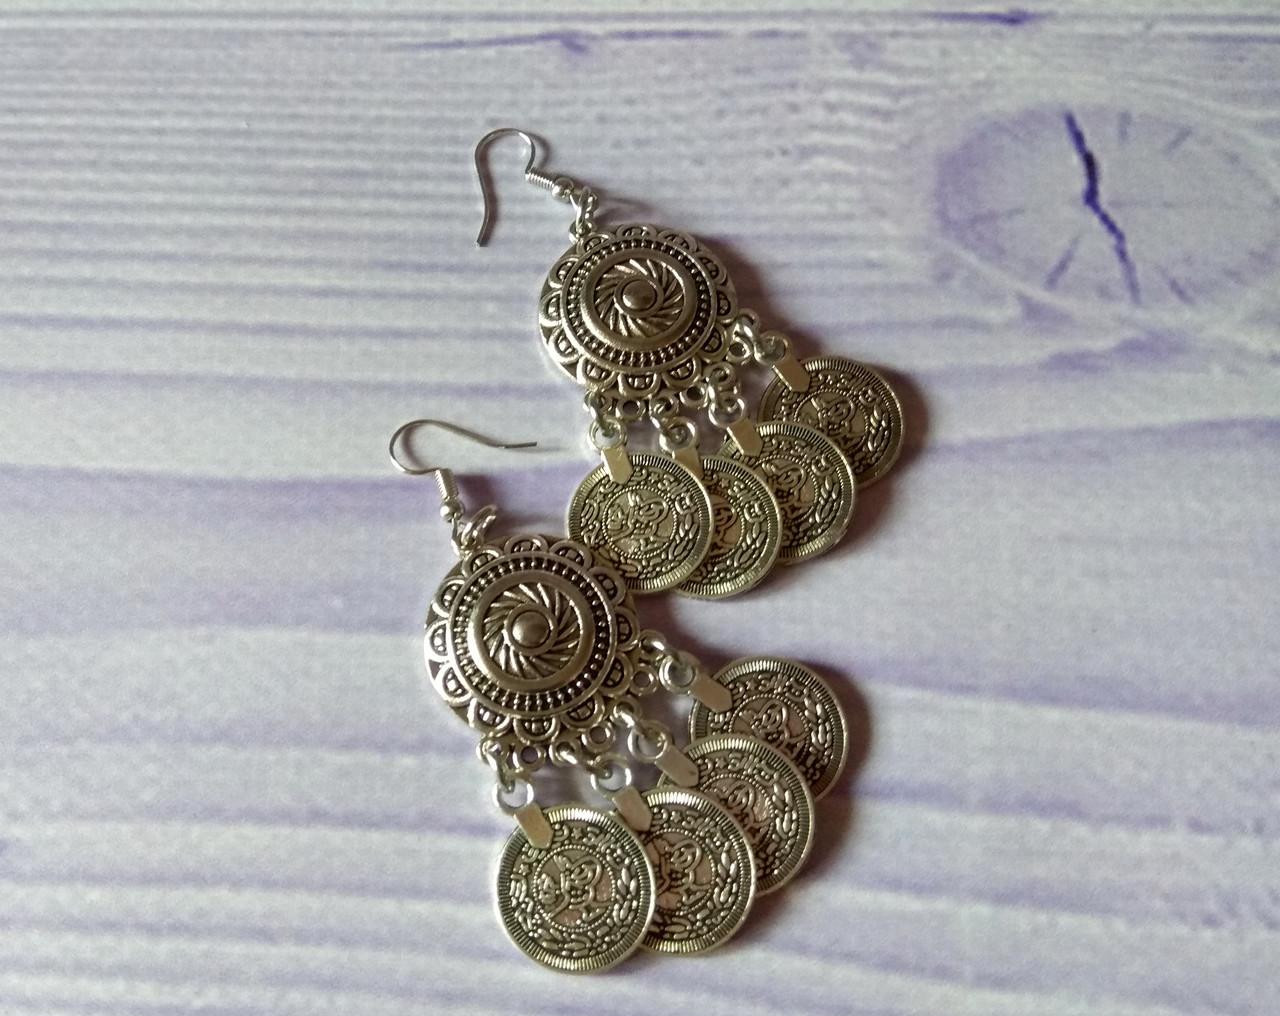 Сережки круглі Східні з монетами. Сережки для східних танців